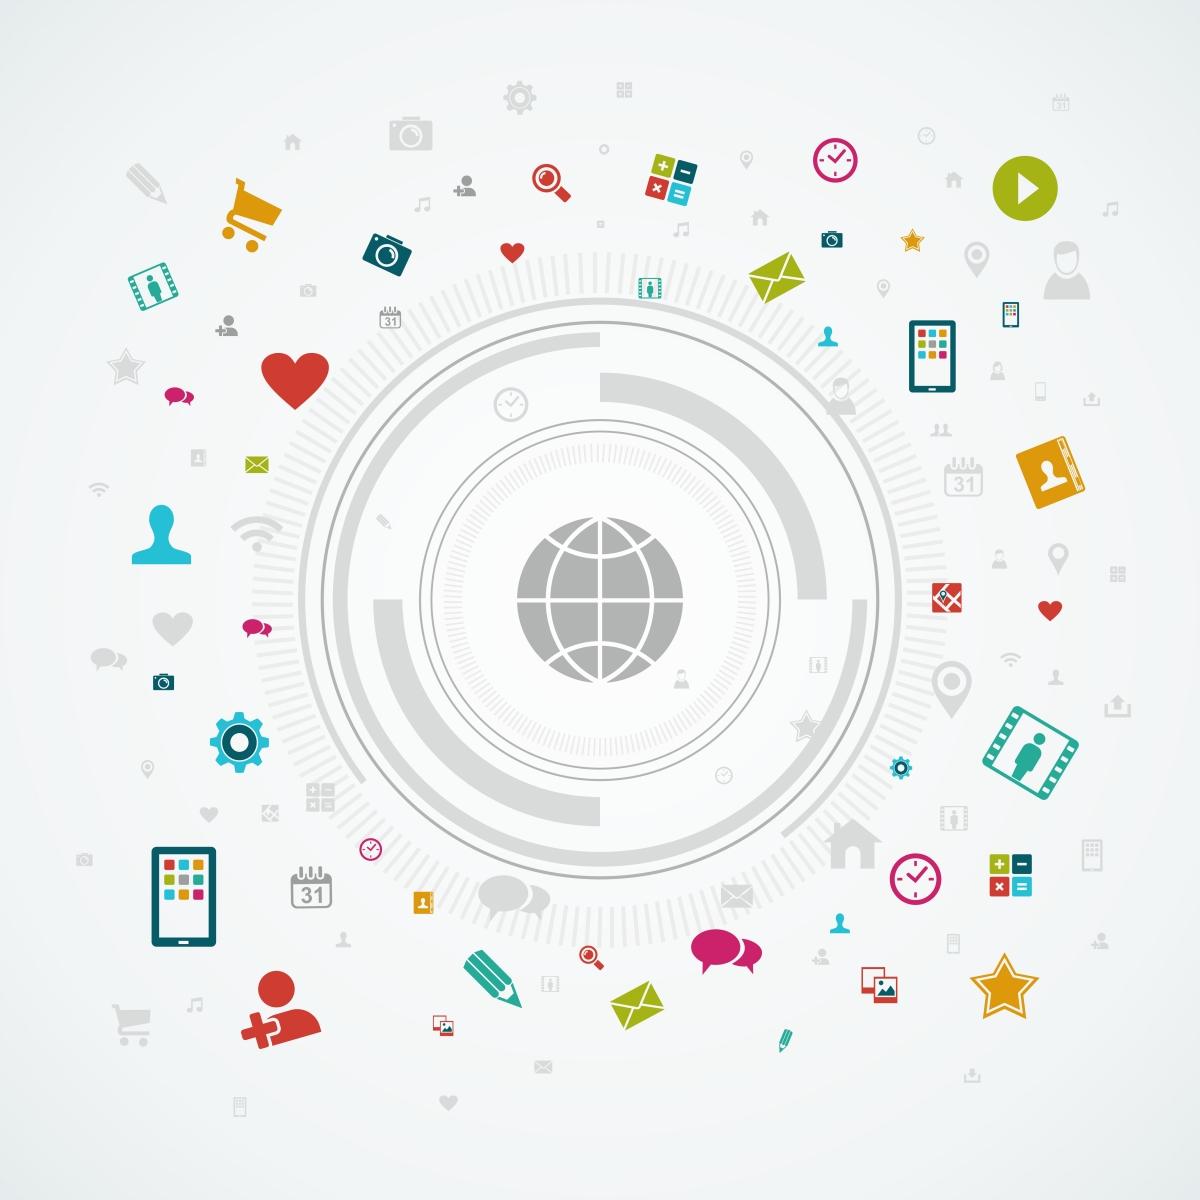 10179918-social-media-world-concept